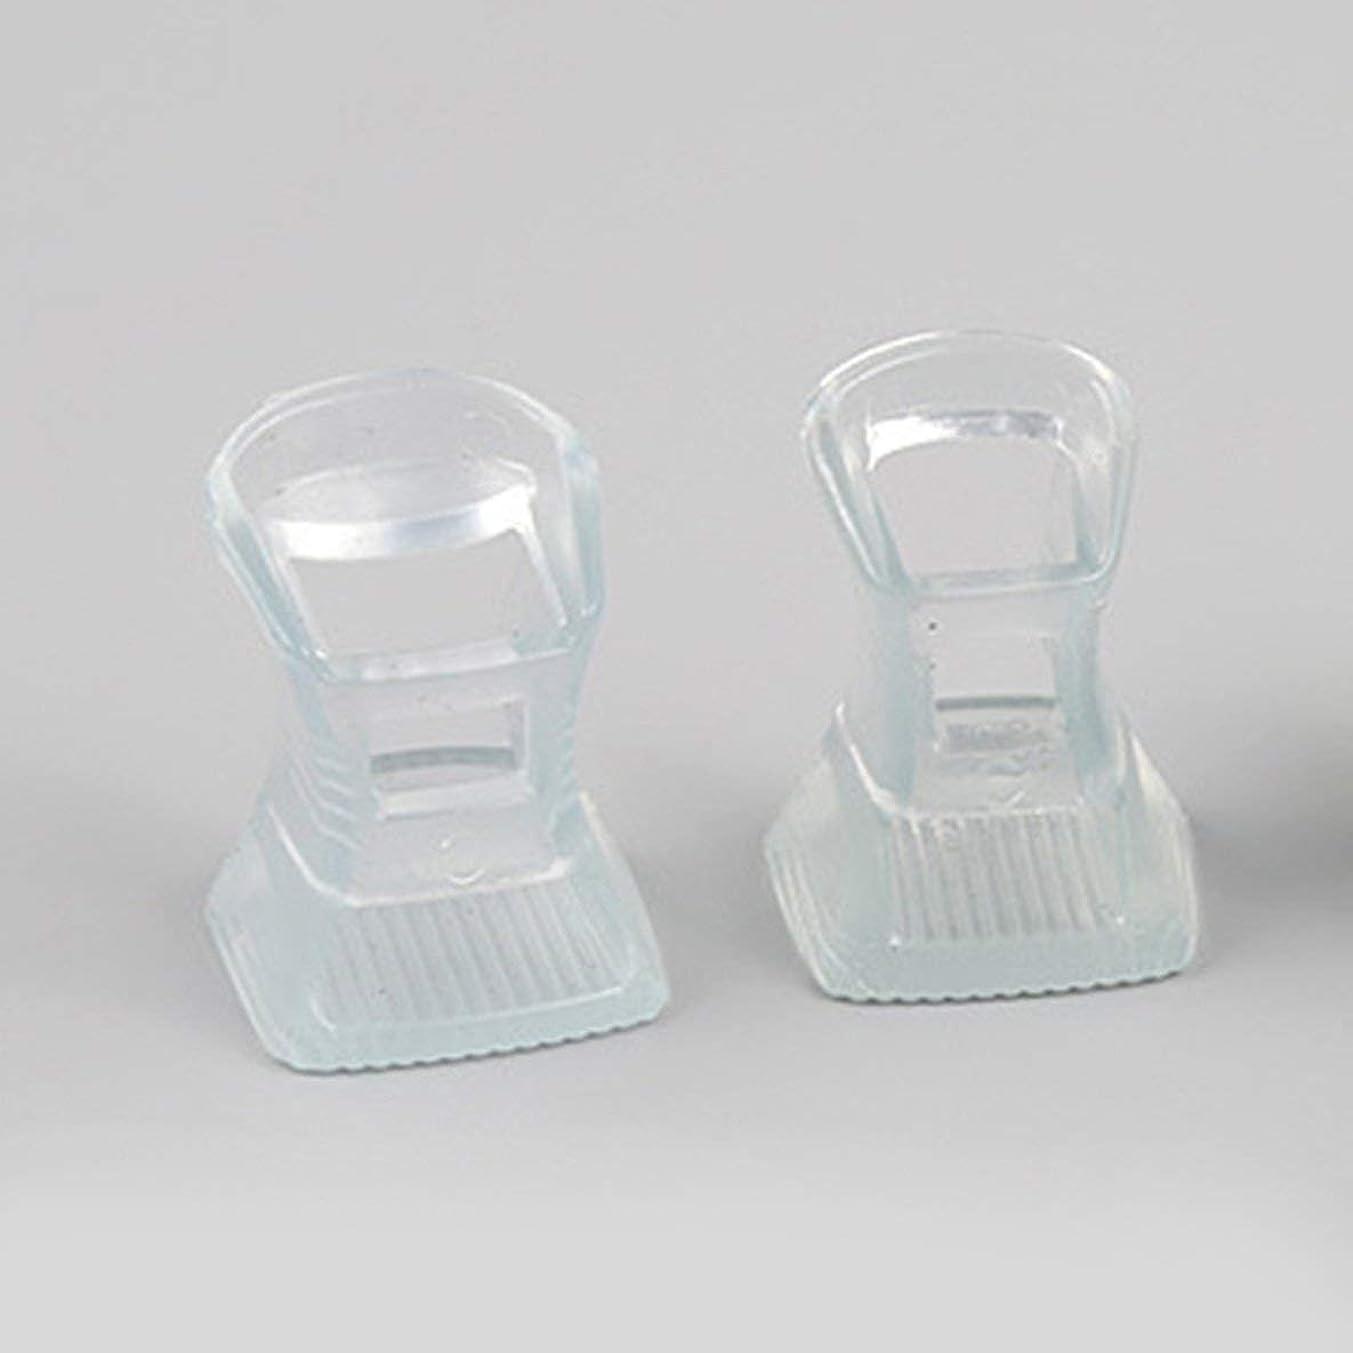 曲線収益歯痛1ペアハイヒール保護カバーヒールストッパー滑り止めの耐摩耗性 - 透明L